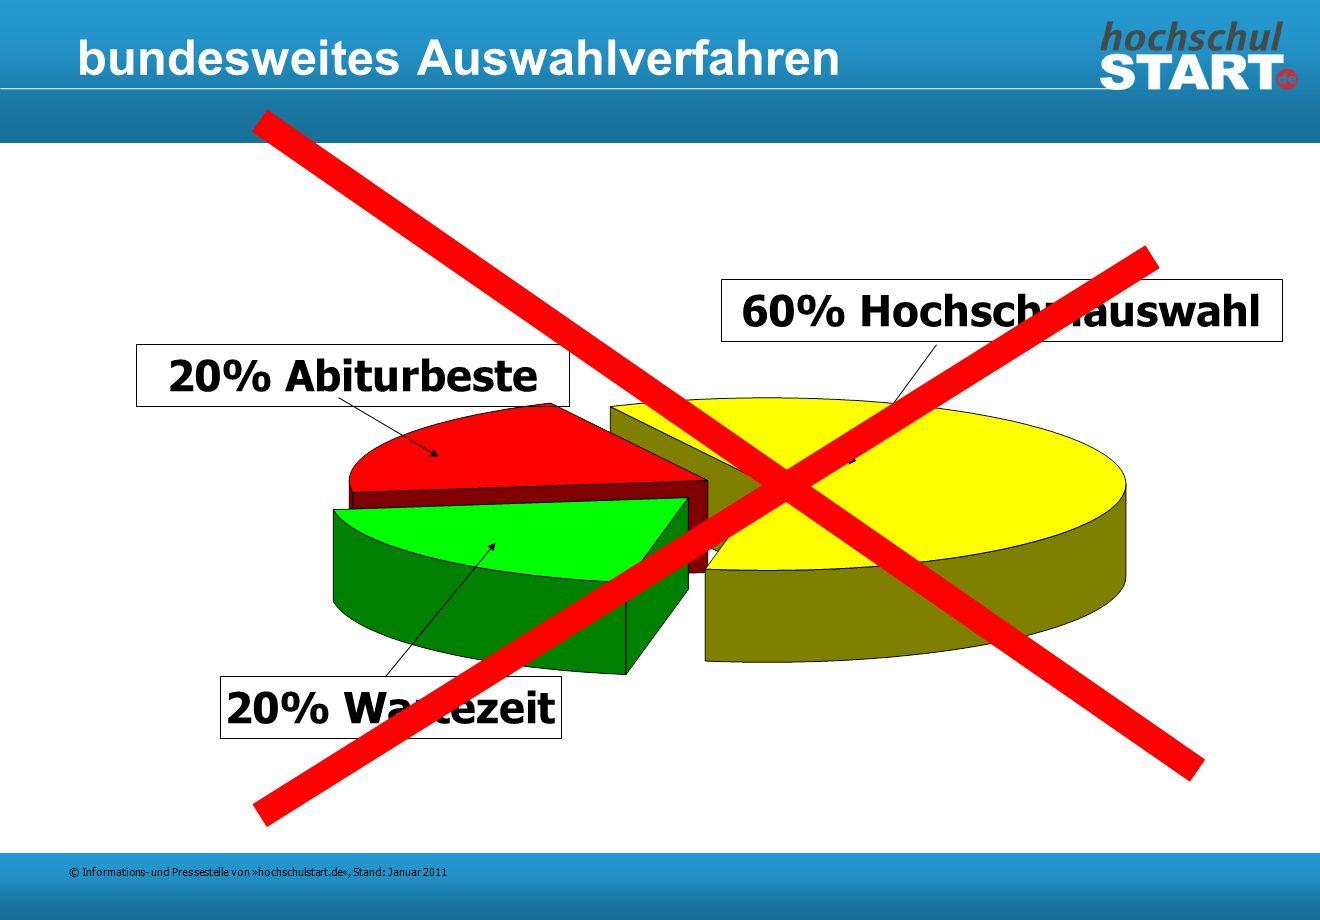 © Informations- und Pressestelle von »hochschulstart.de«, Stand: Januar 2011 bundesweites Auswahlverfahren 20% Abiturbeste 20% Wartezeit 60% Hochschulauswahl